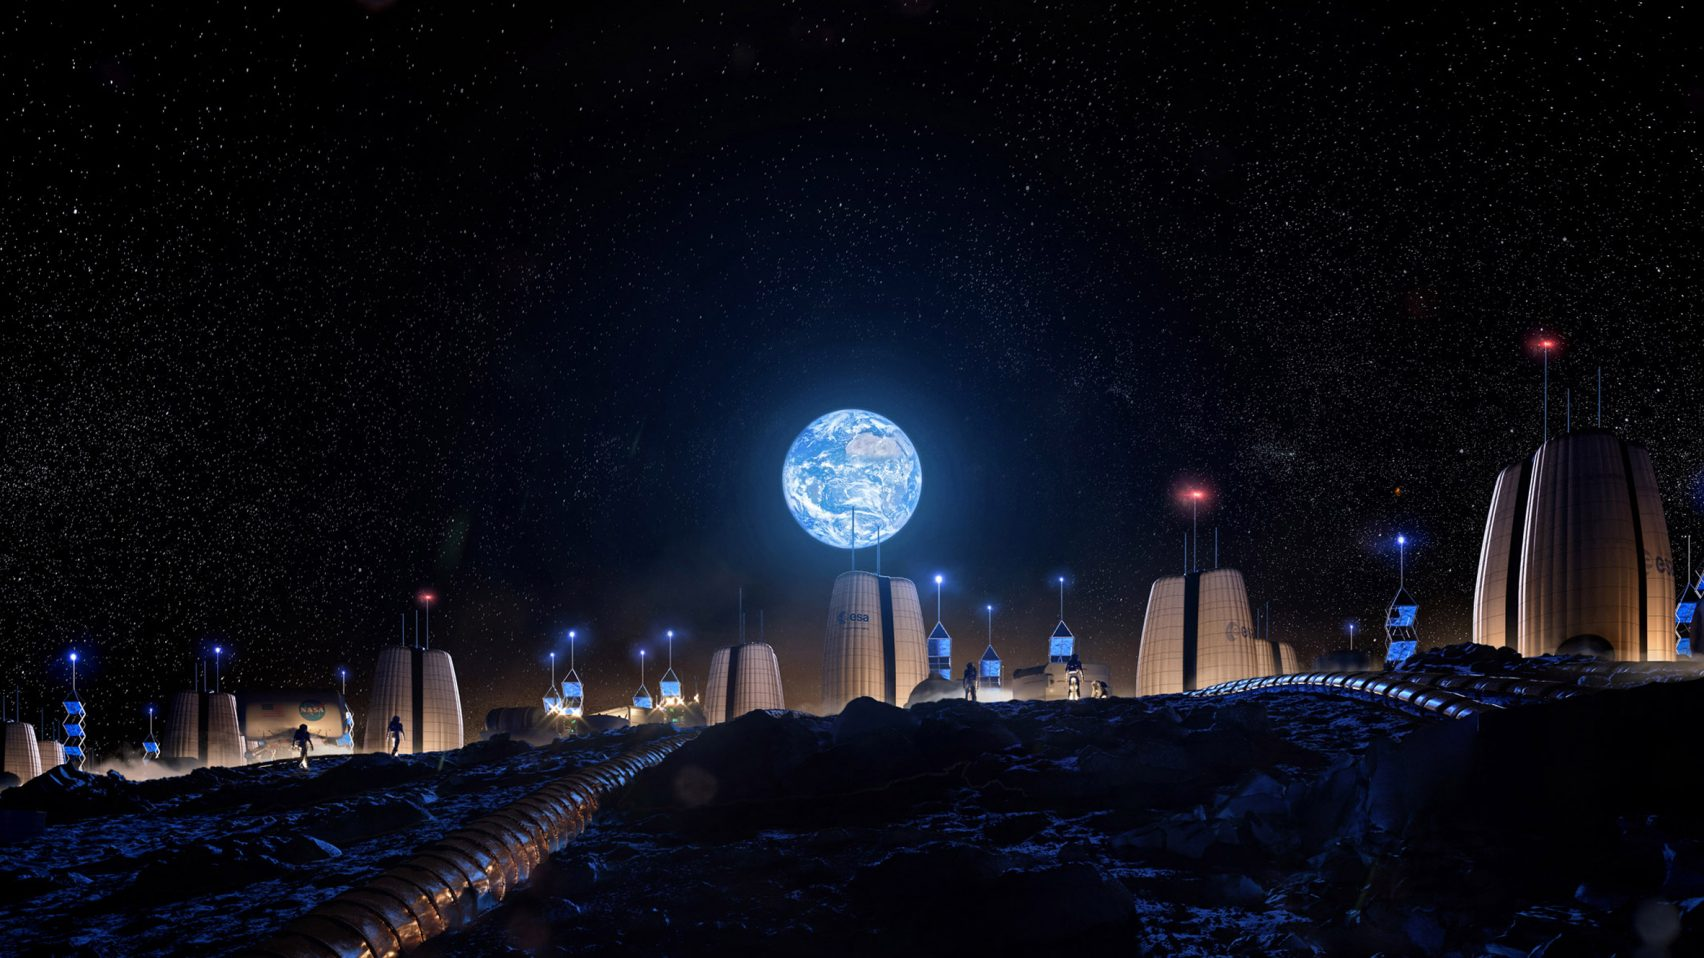 moon-village-som-news-architecture-design_dezeen_2364_hero-1704x958.jpg